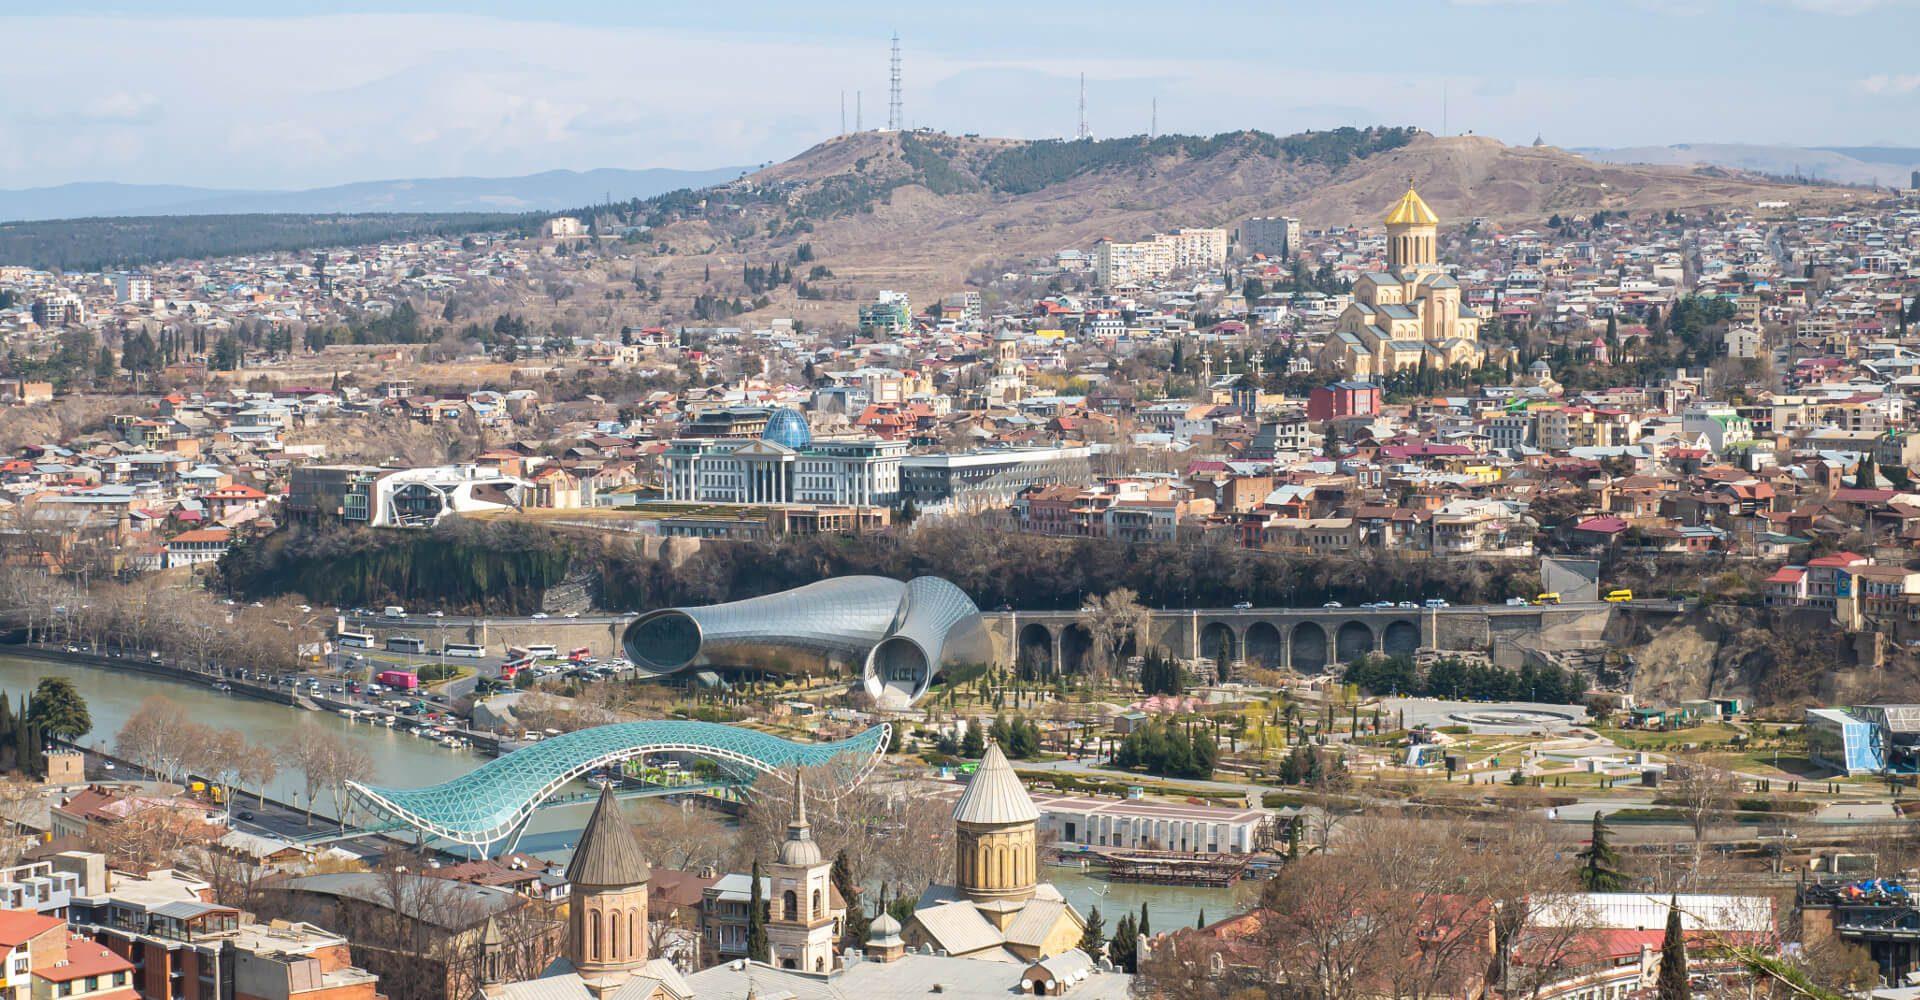 Zwiedzamy Tbilisi - co warto zobaczyć w stolicy Gruzji?